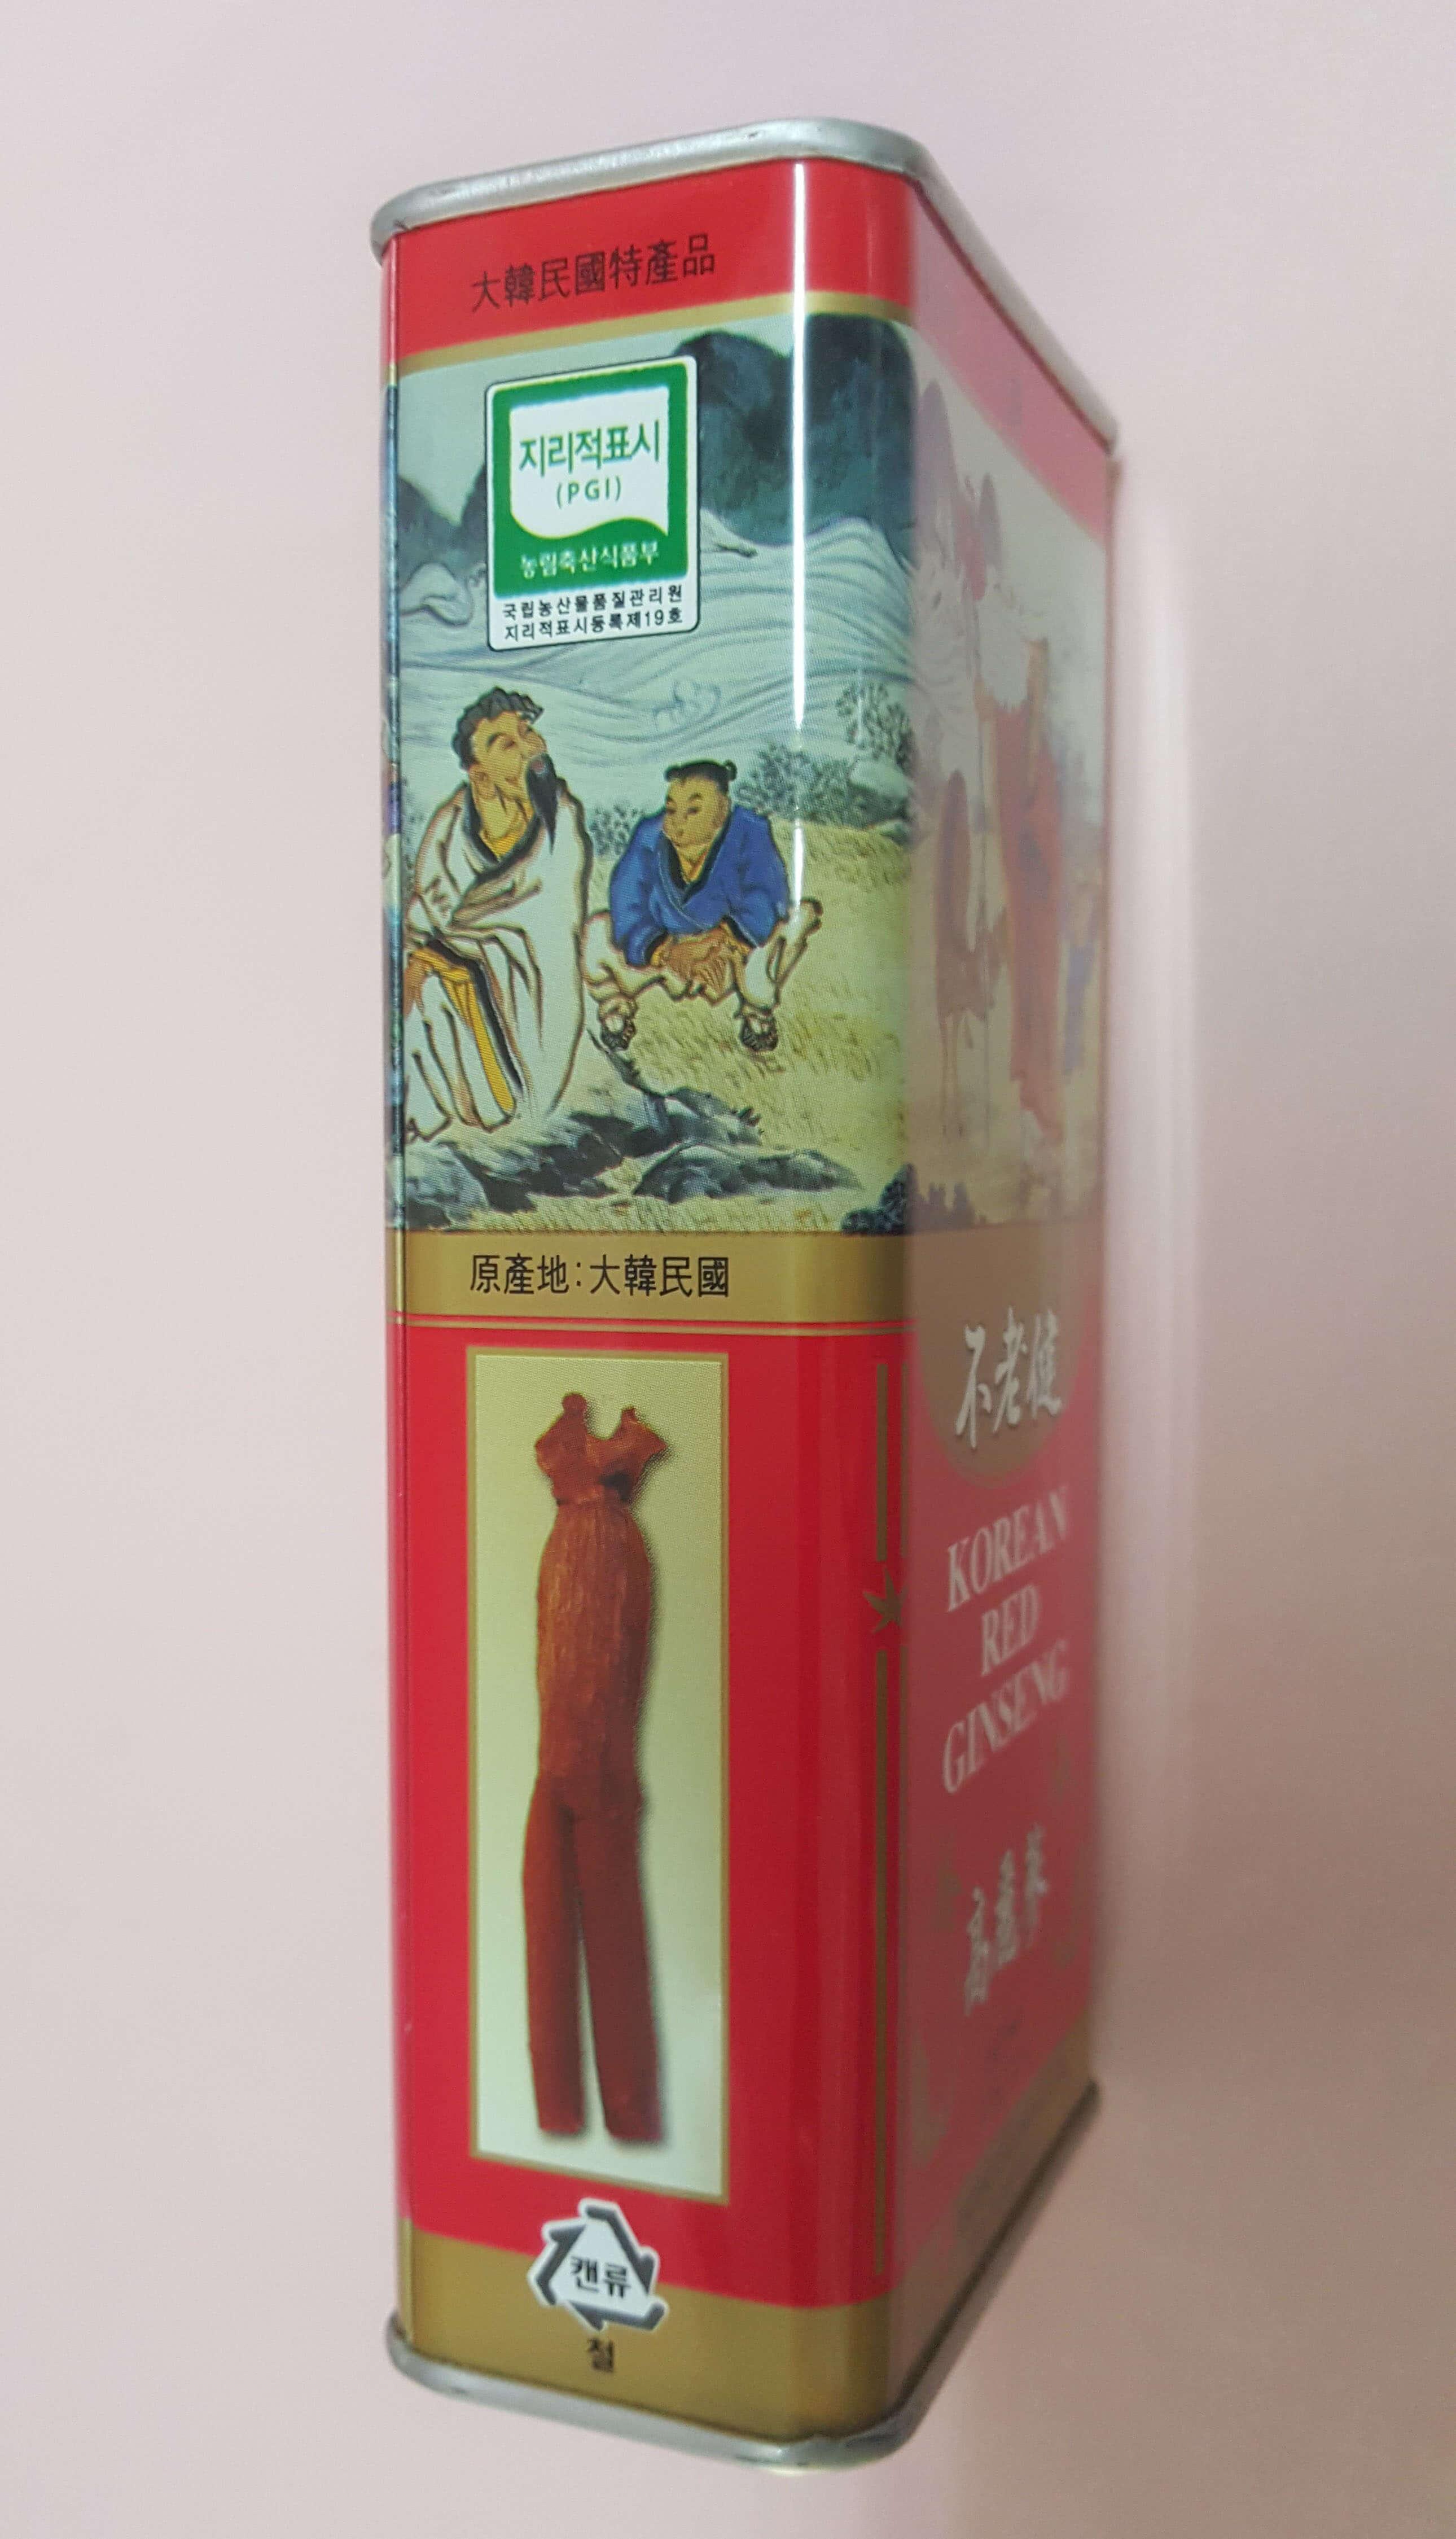 Sâm khô Hàn Quốc nguyên củ